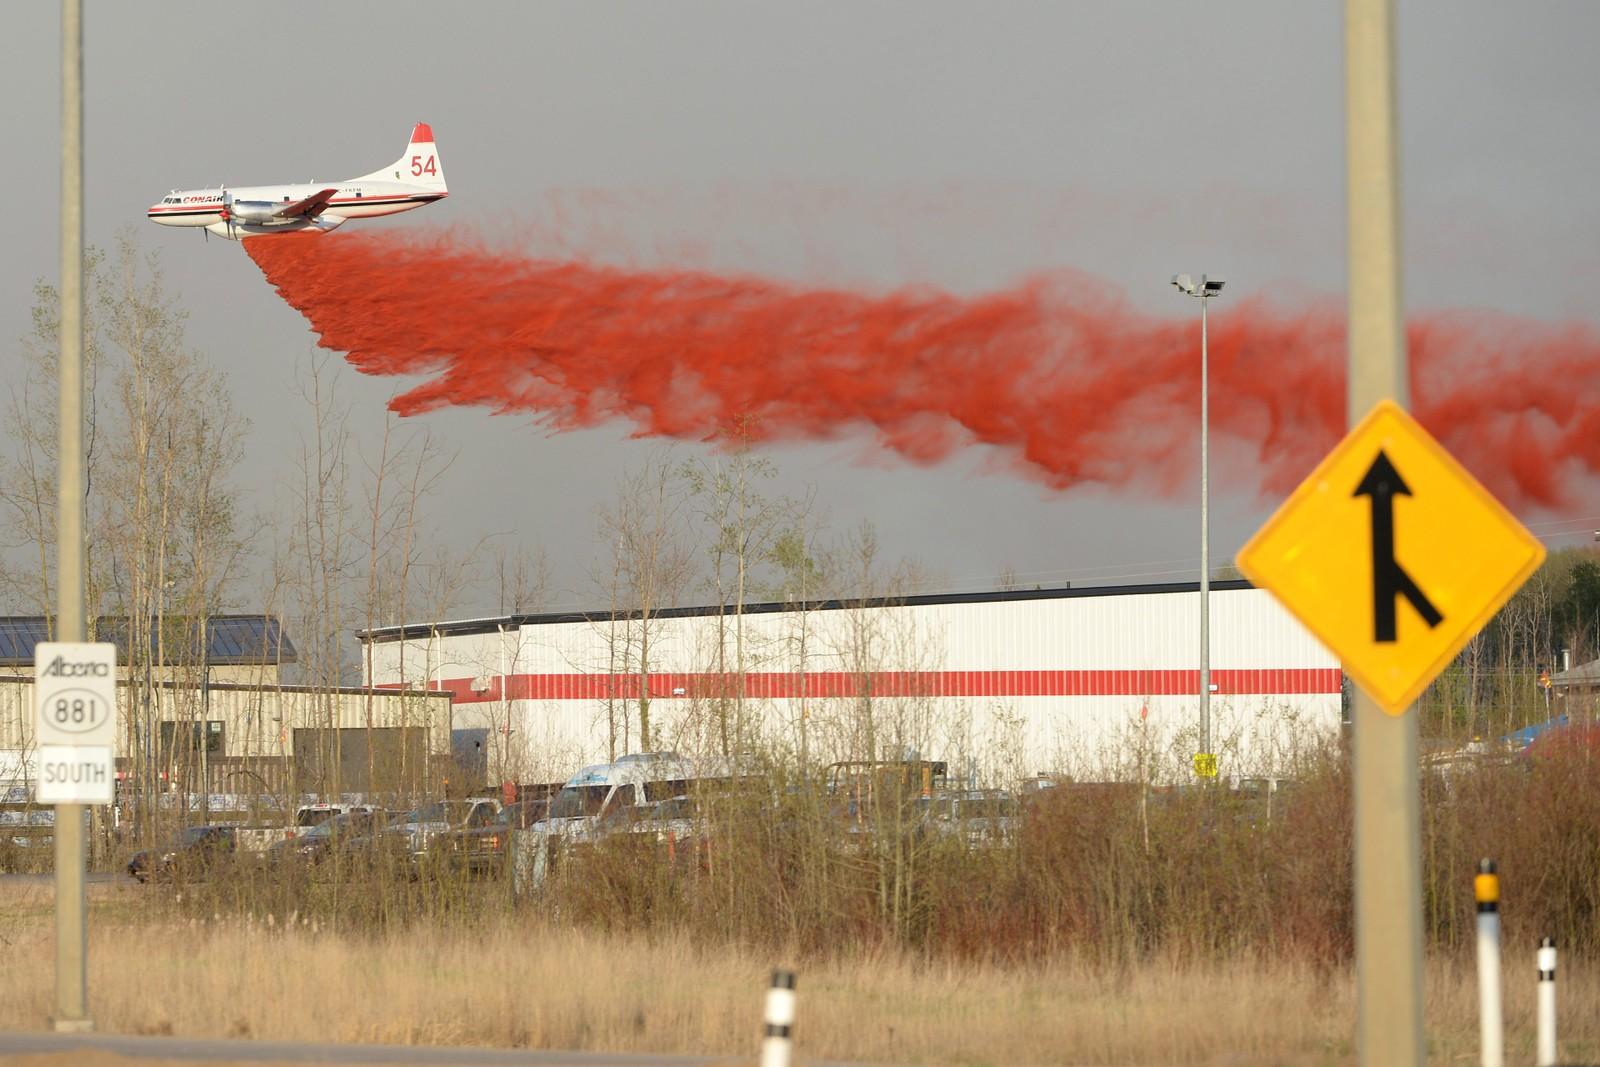 Et fly slipper et brannhemmende middel over skogbrannen ved Fort McMurray i Canada fredag 6. mai.